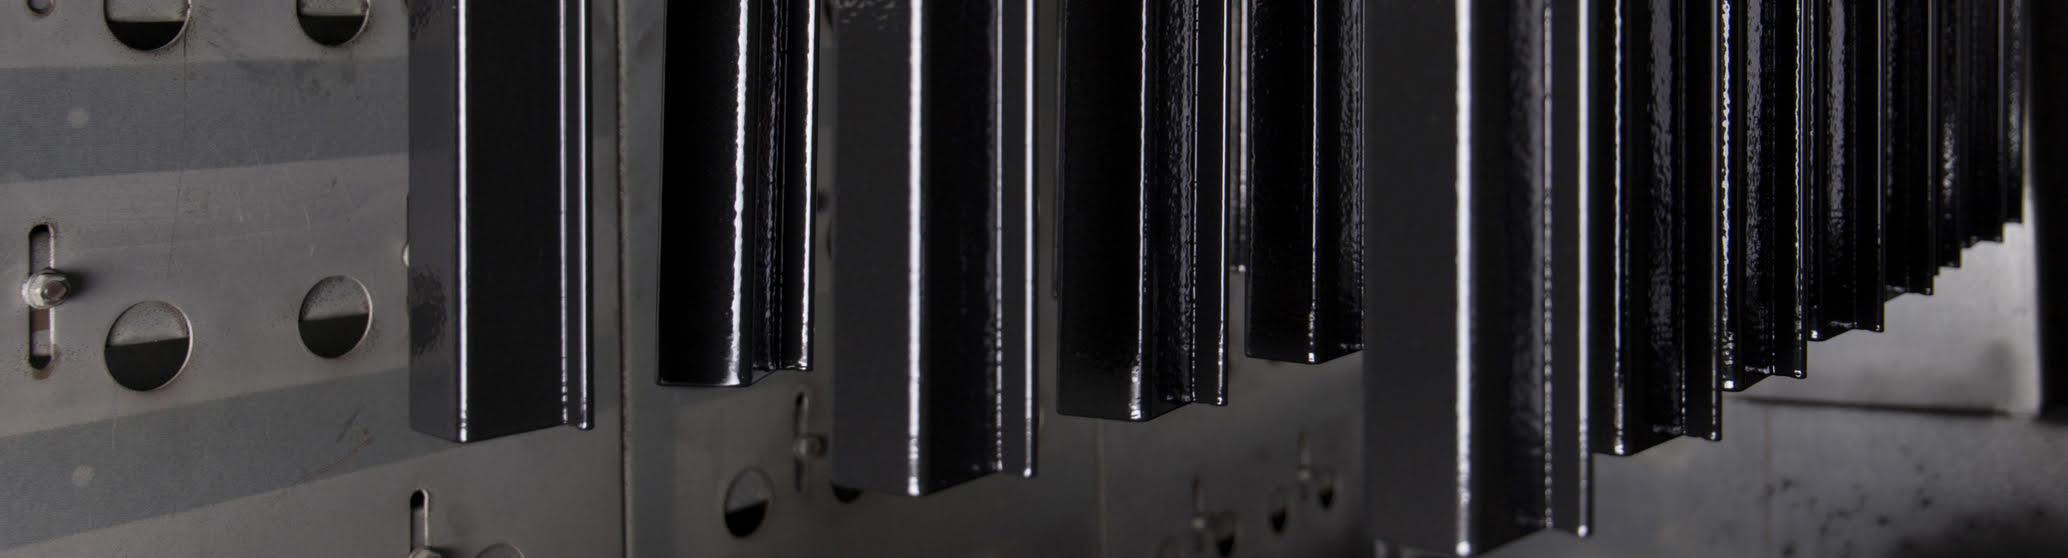 Dres-Plast | plastificazione industriale materiali metallici